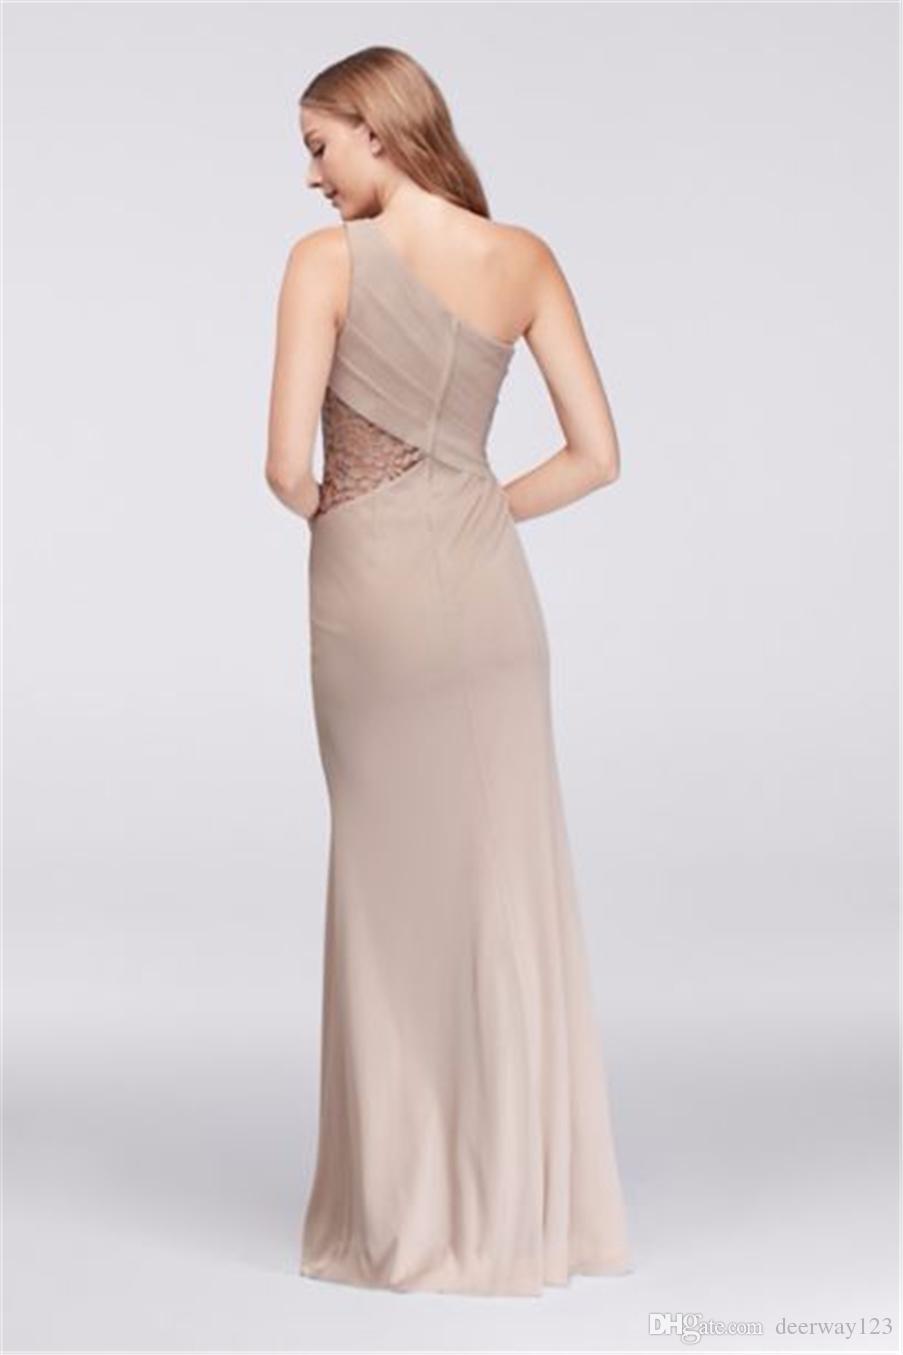 NEW! Одно плечевое шифоновое платье для подружки невесты с кружевной вставкой F19419 Свадебное платье Вечернее платье Вечерние платья